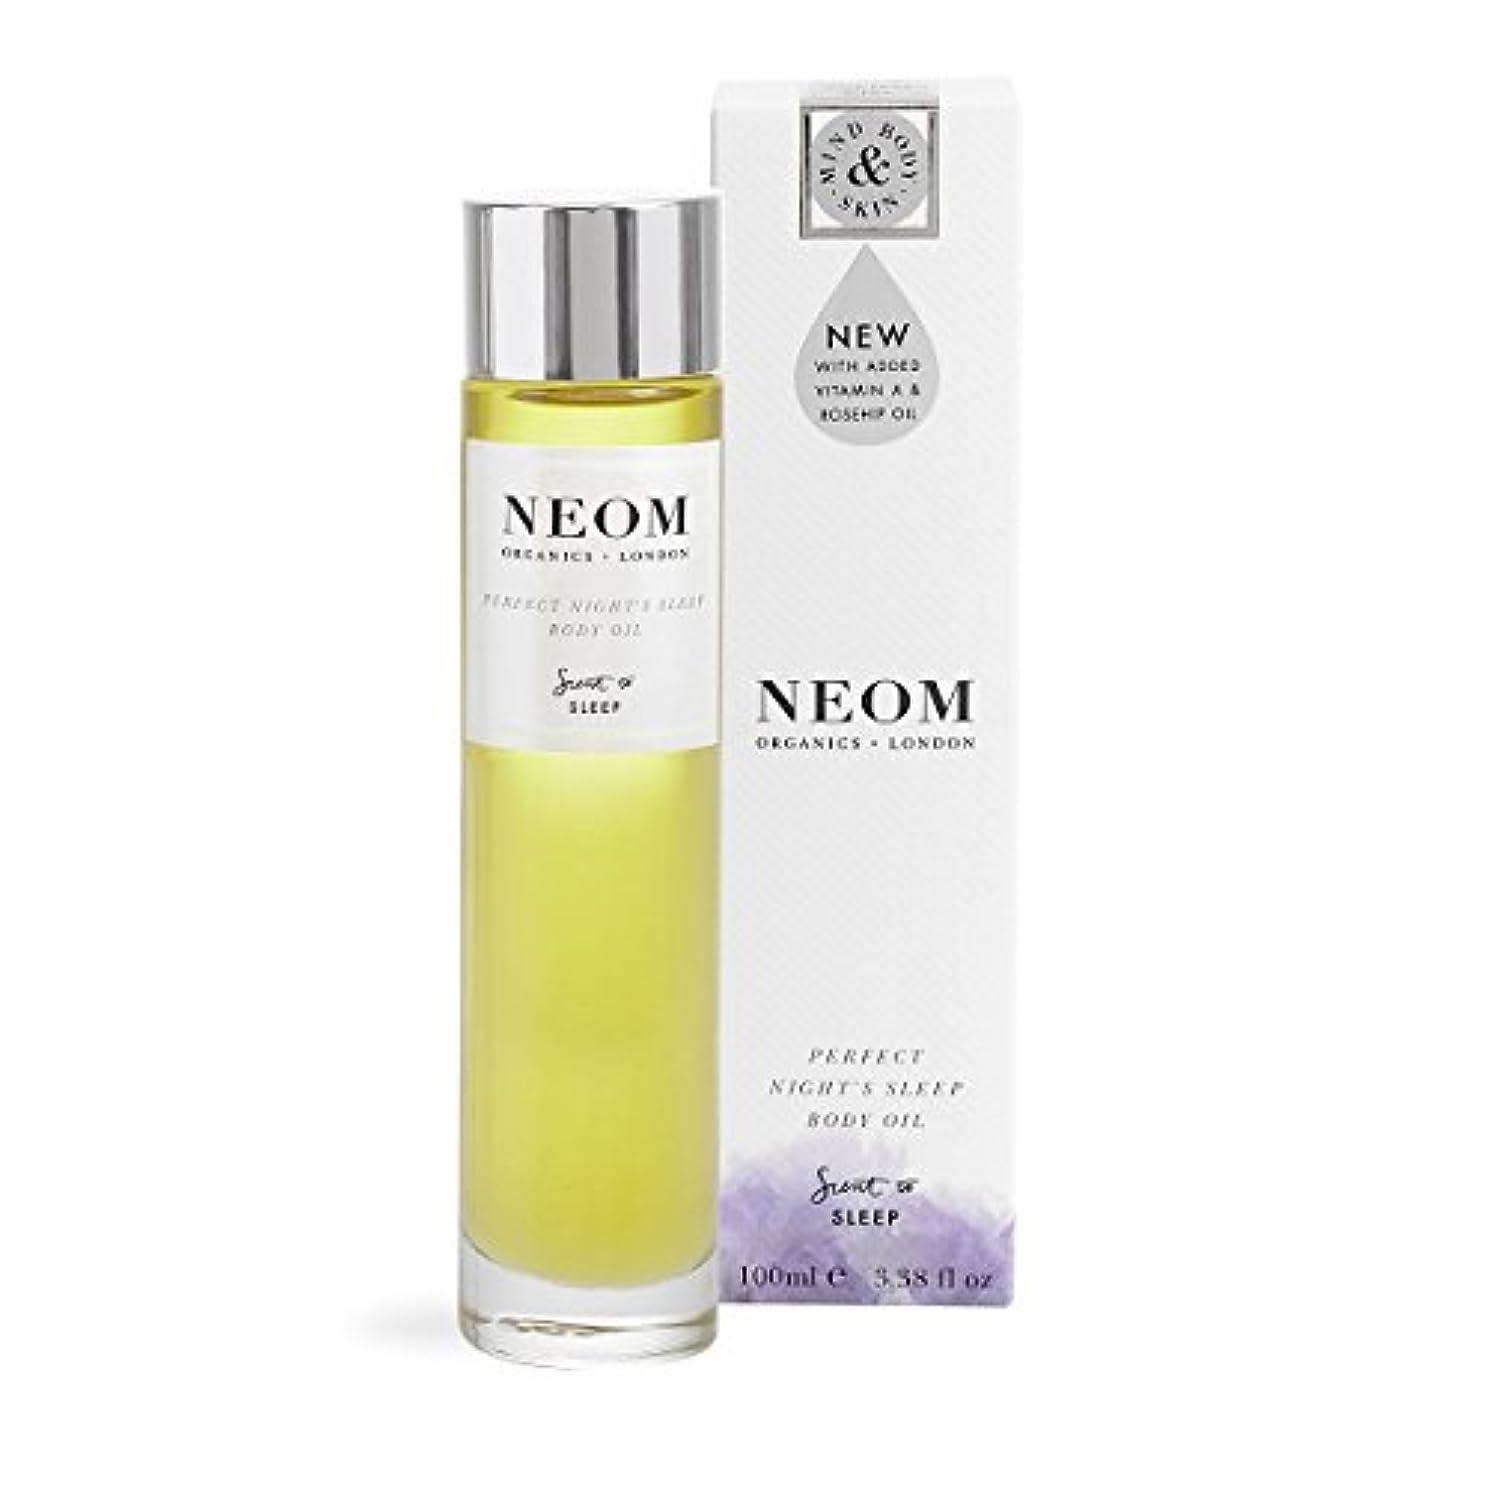 トラクターアレルギー性原子NEOM ボディオイル PERFECT NIGHT'S SLEEP (SLEEP)